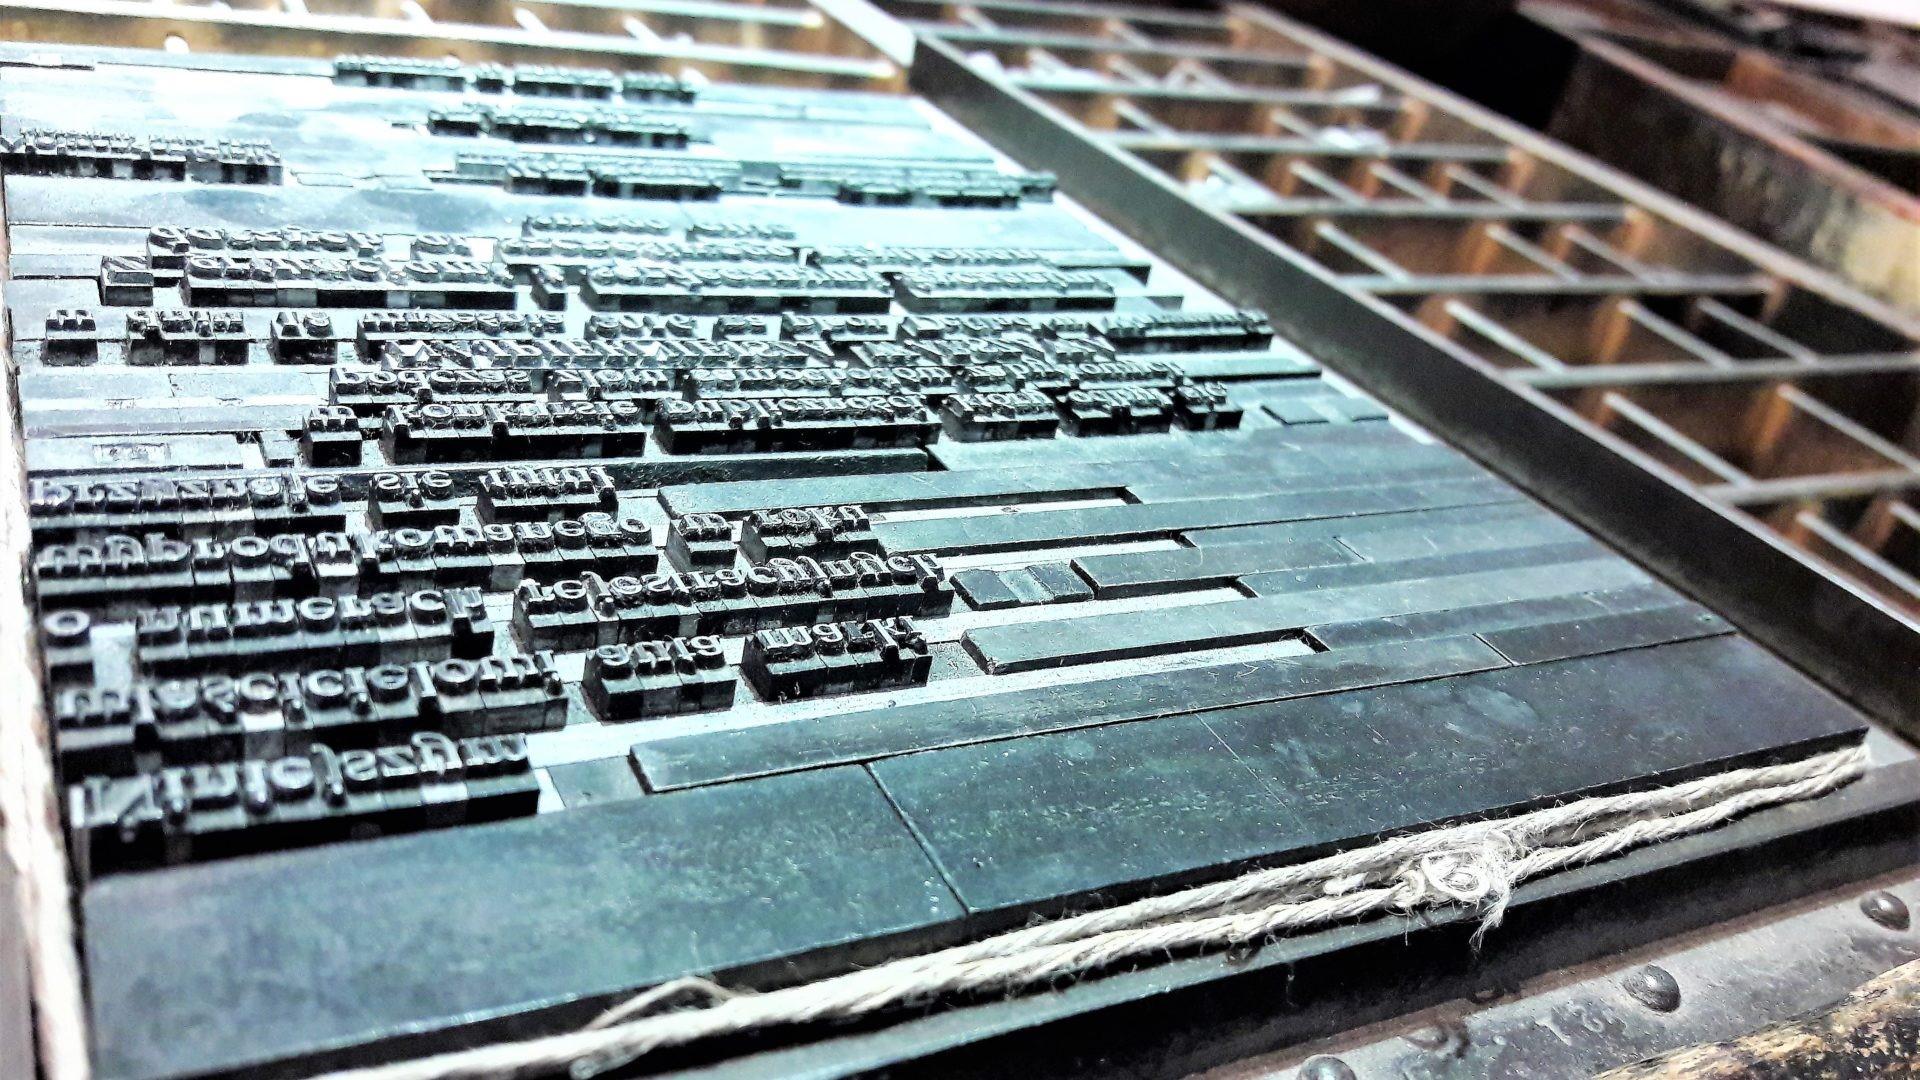 Skład drukarski ułożony nadrewnianej szufloramie, związany sznurkiem. Skład przygotowany dodruku. Fot.Muzeum Drukarstwa